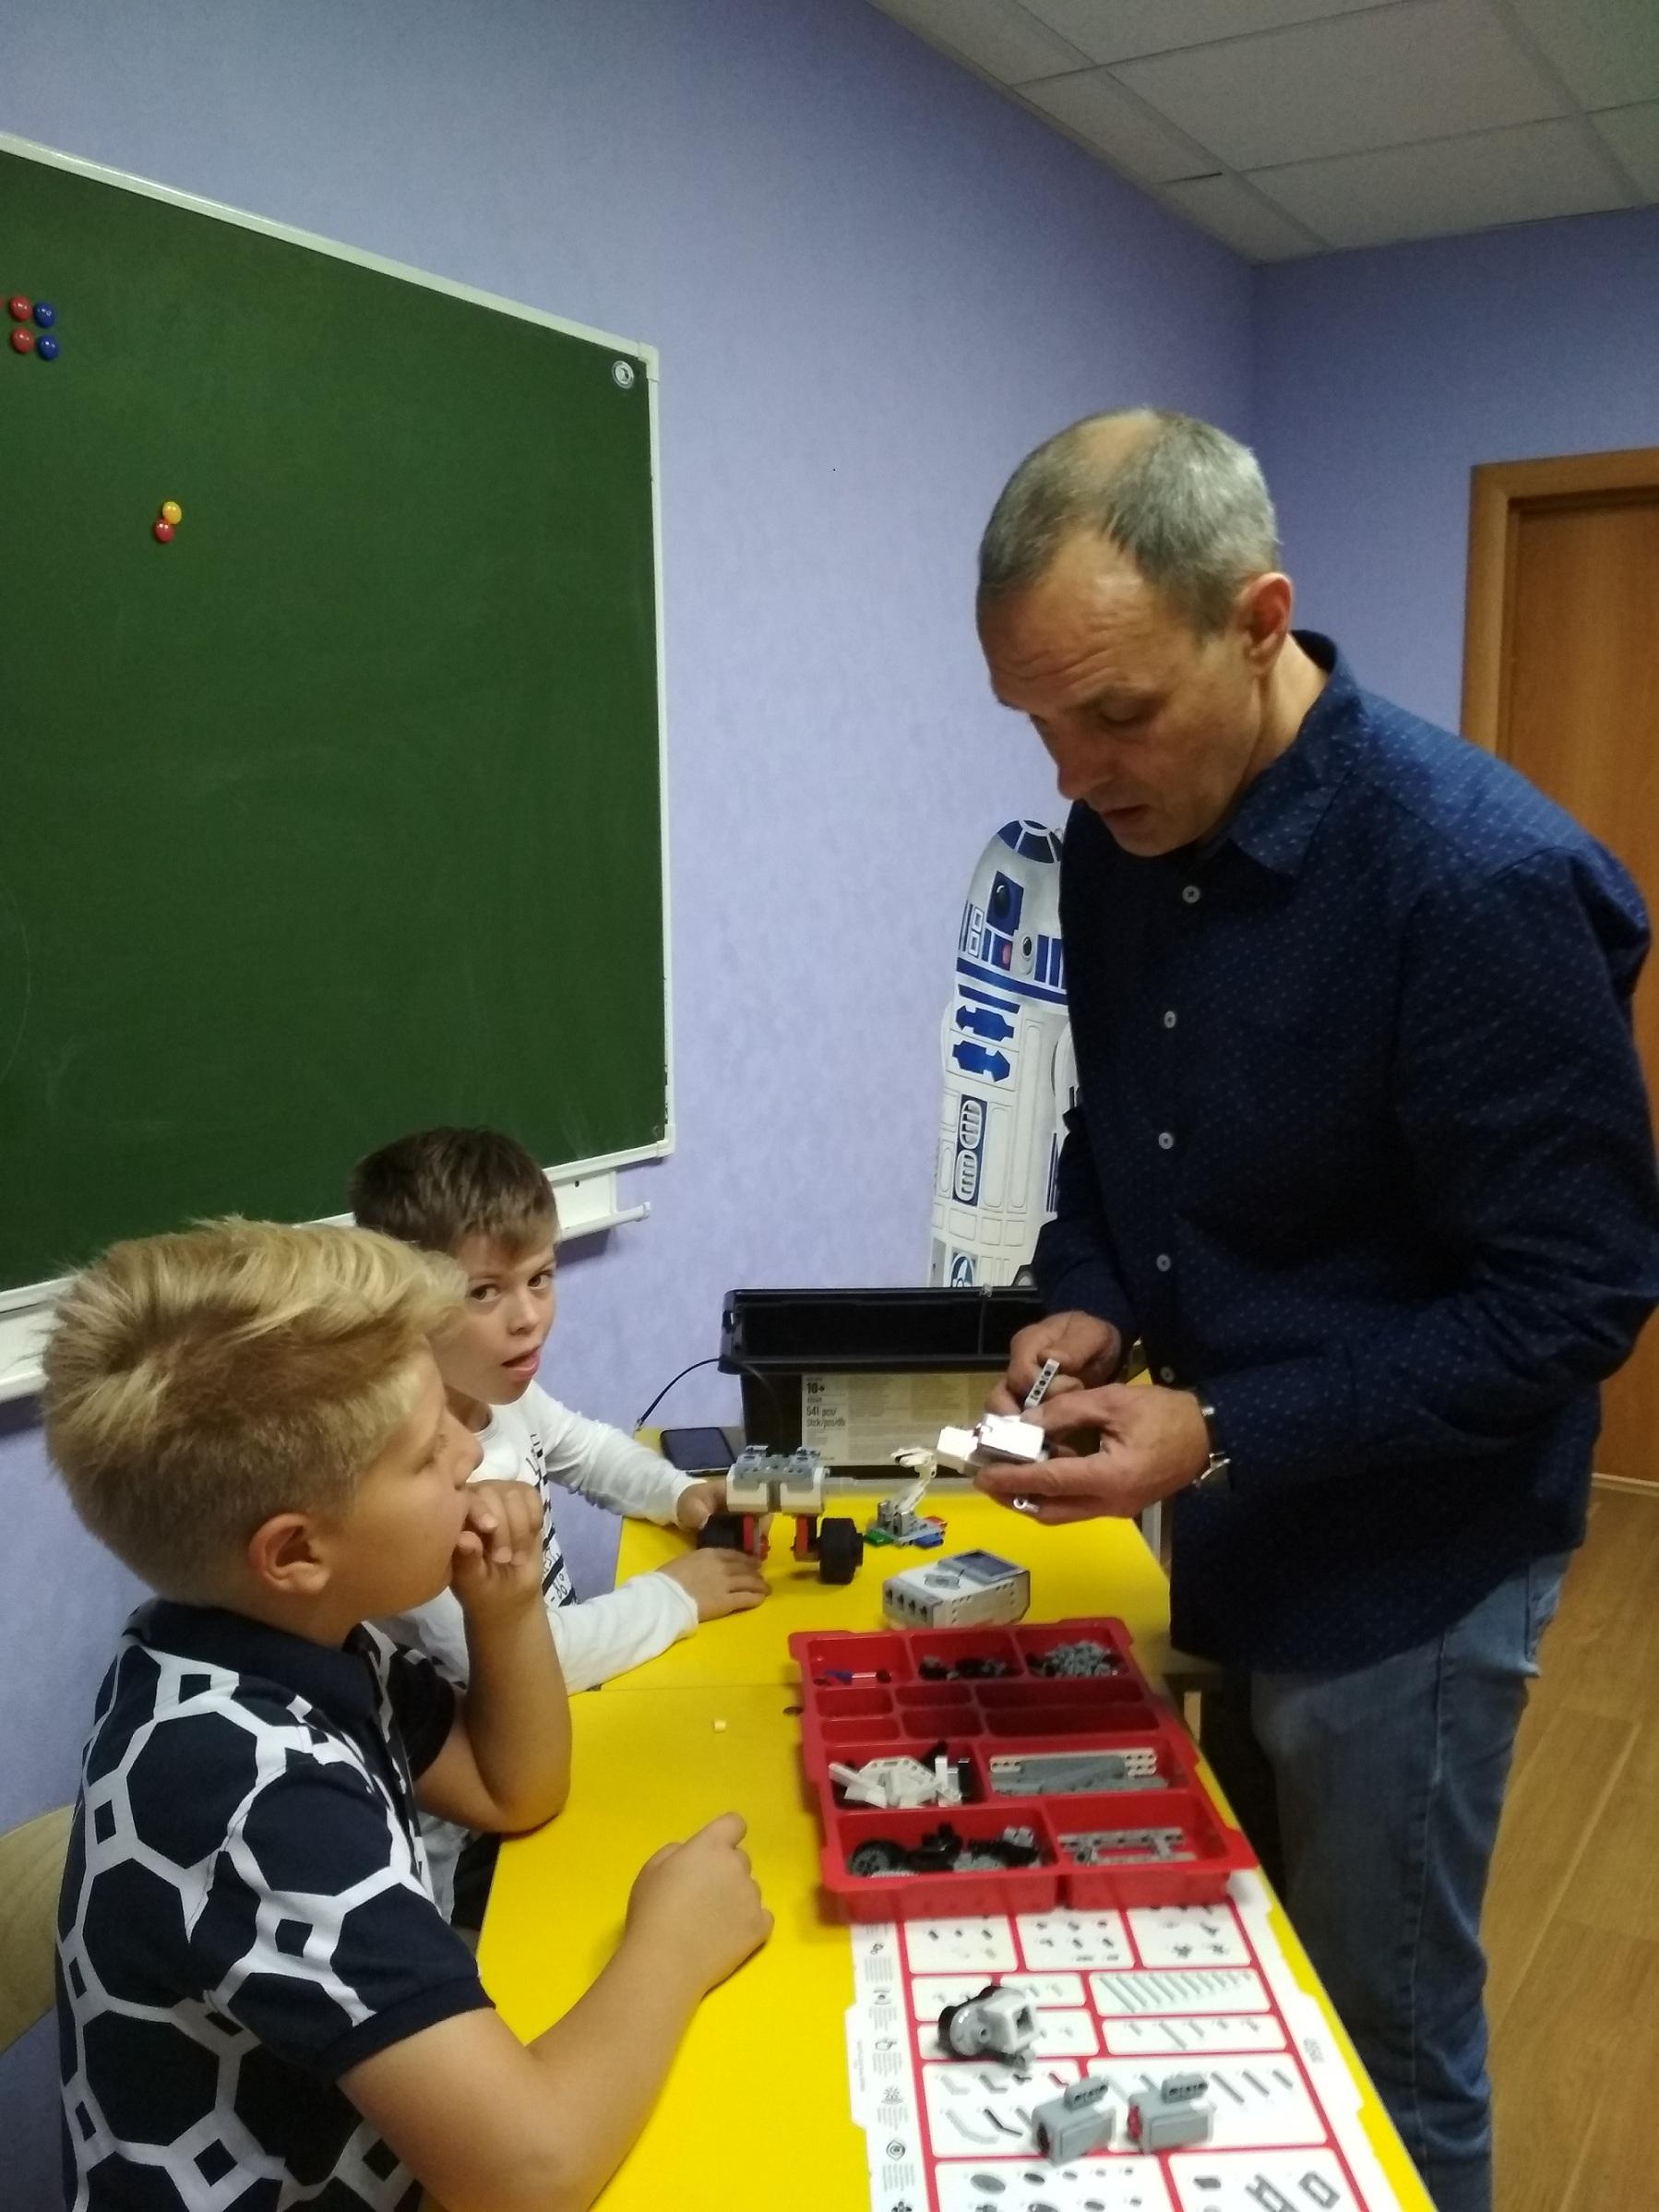 робототехника новосибирск